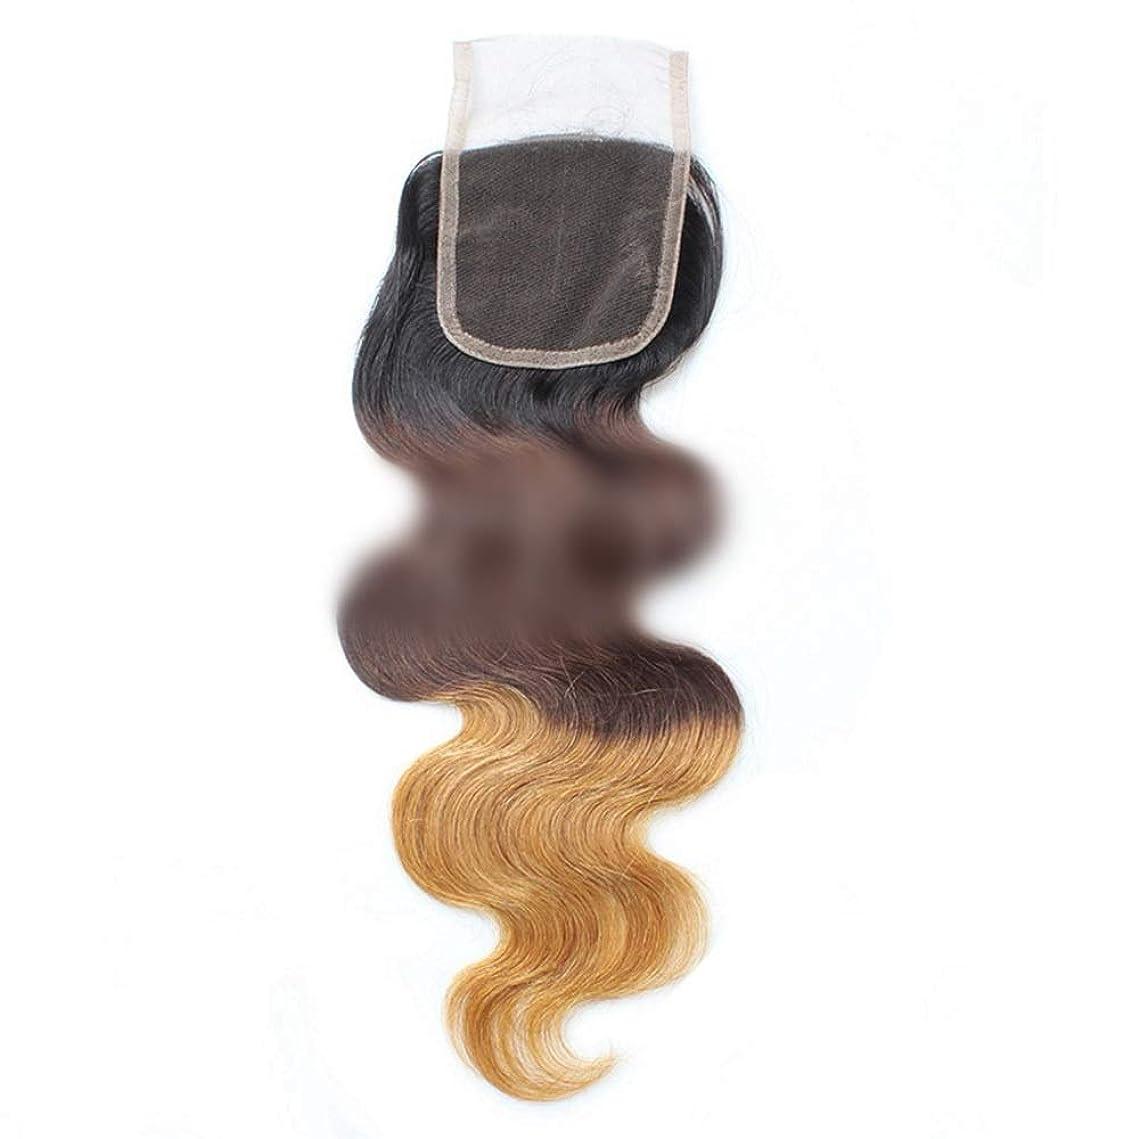 残酷どこかエージェントBOBIDYEE 実体波4×4レース前頭閉鎖人間の髪の毛黒から茶色への3トーンカラー無料パートヘアコンポジットヘアレースかつらロールプレイングかつらロングとショート女性自然 (色 : ブラウン, サイズ : 18 inch)